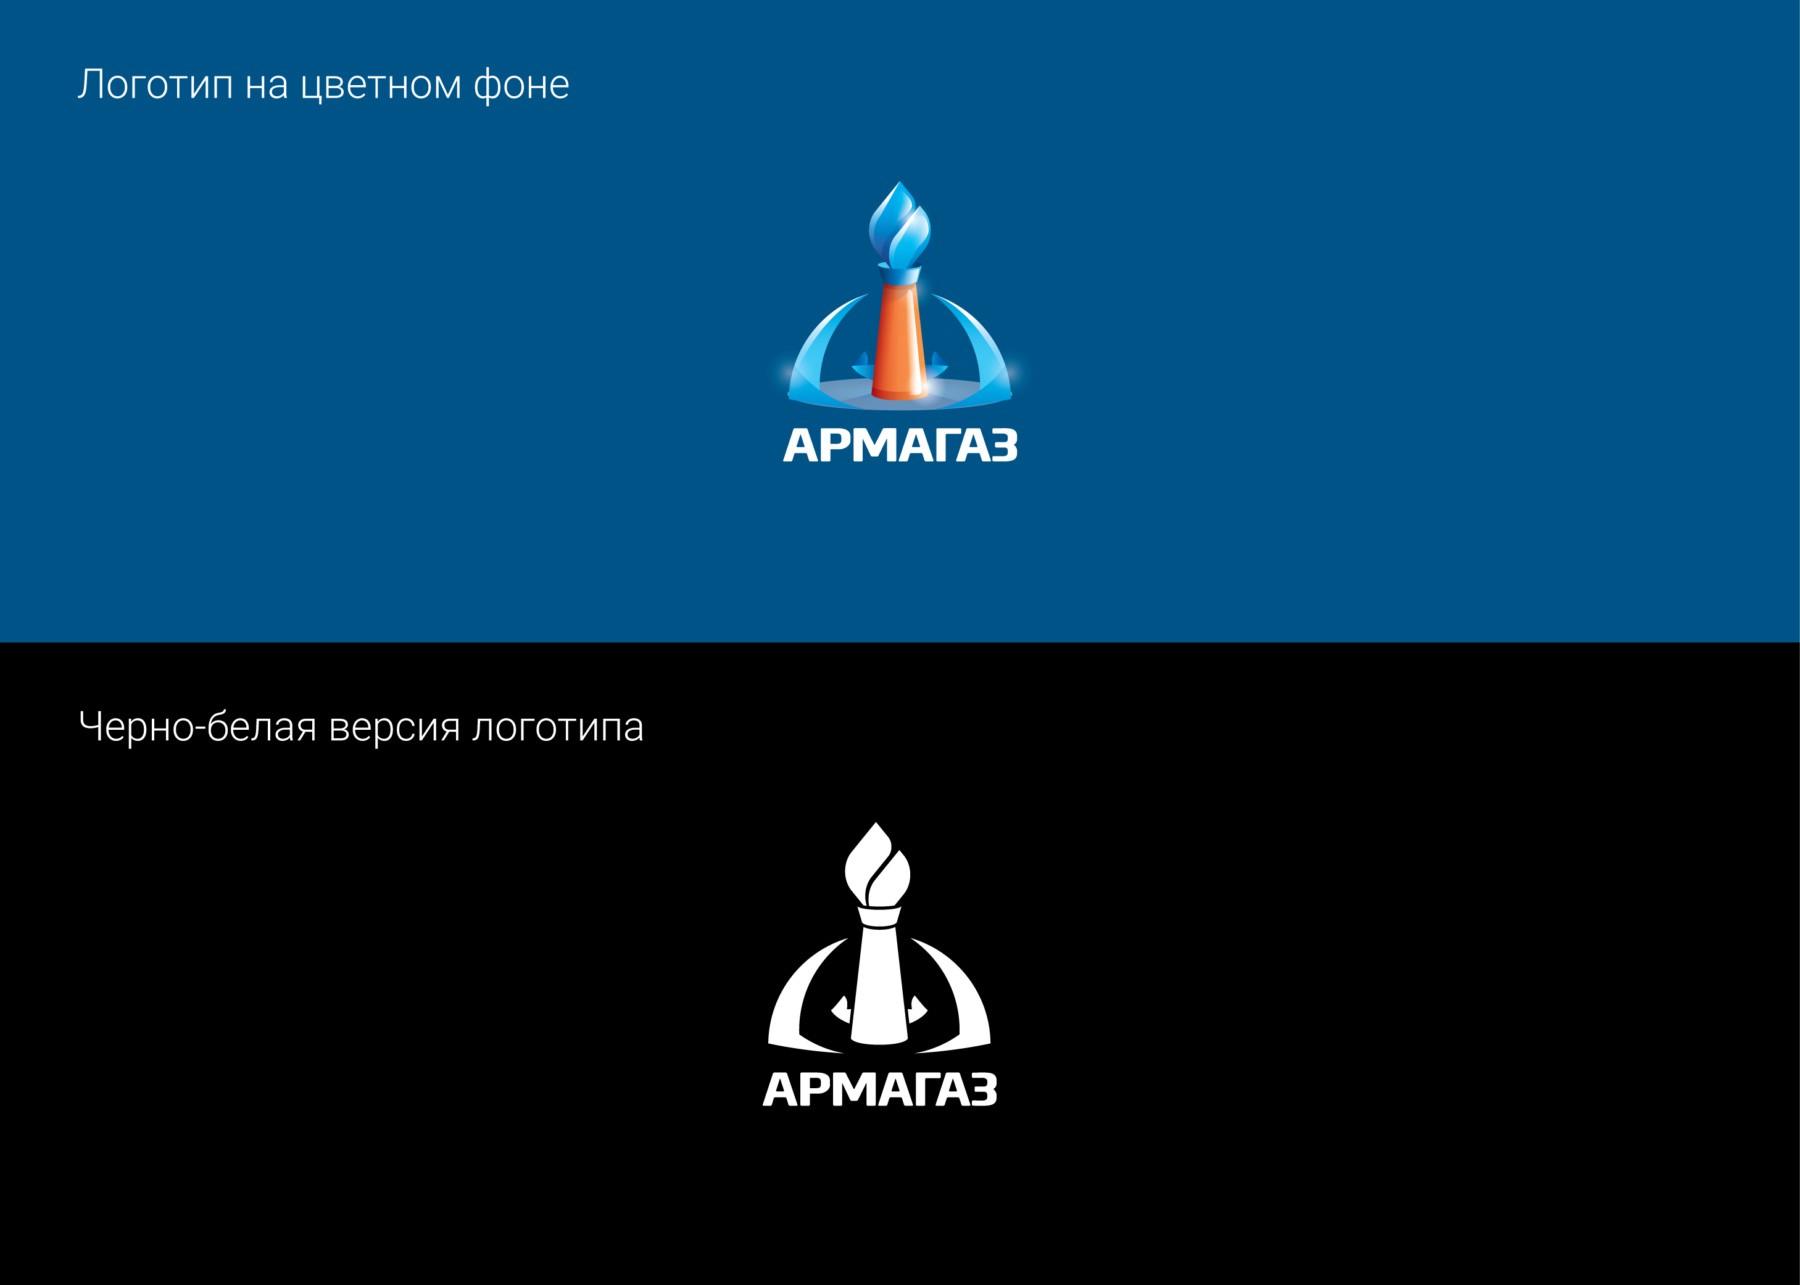 Армагаз. Поставщик газового оборудования. Разработка логотипа и фирменного стиля.